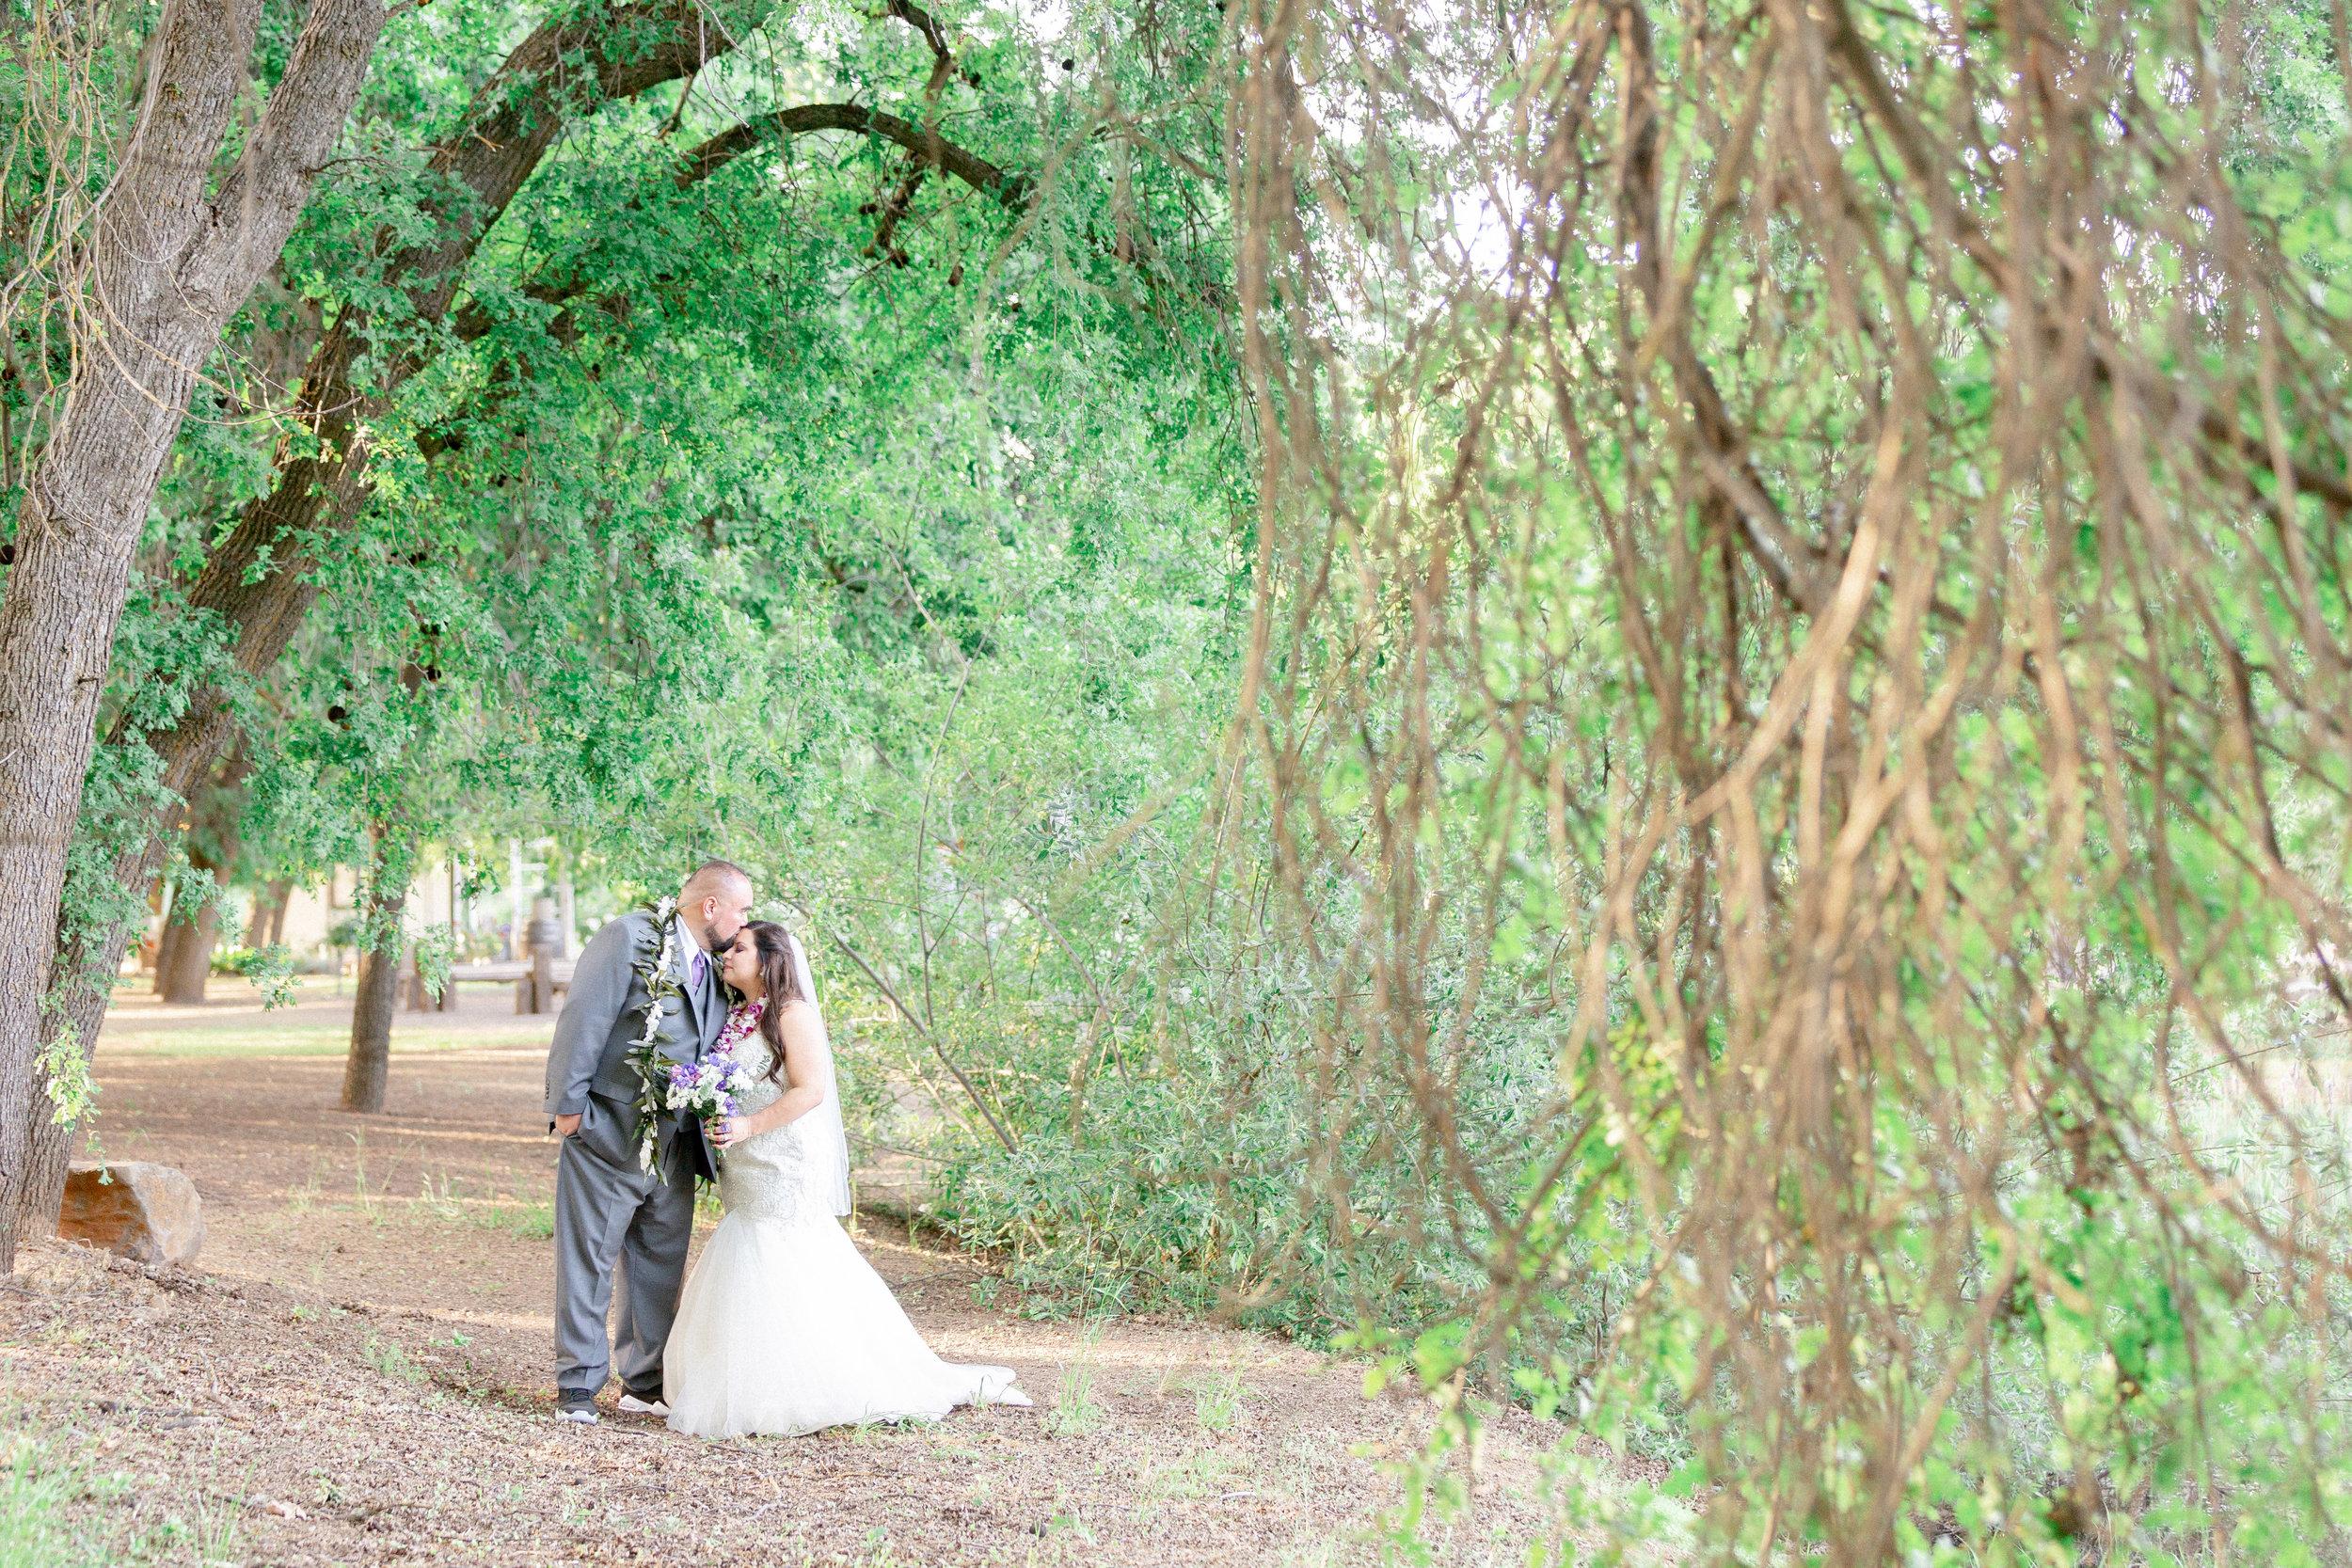 Balla-Rosa-Farm-wedding-photos (64 of 88).jpg